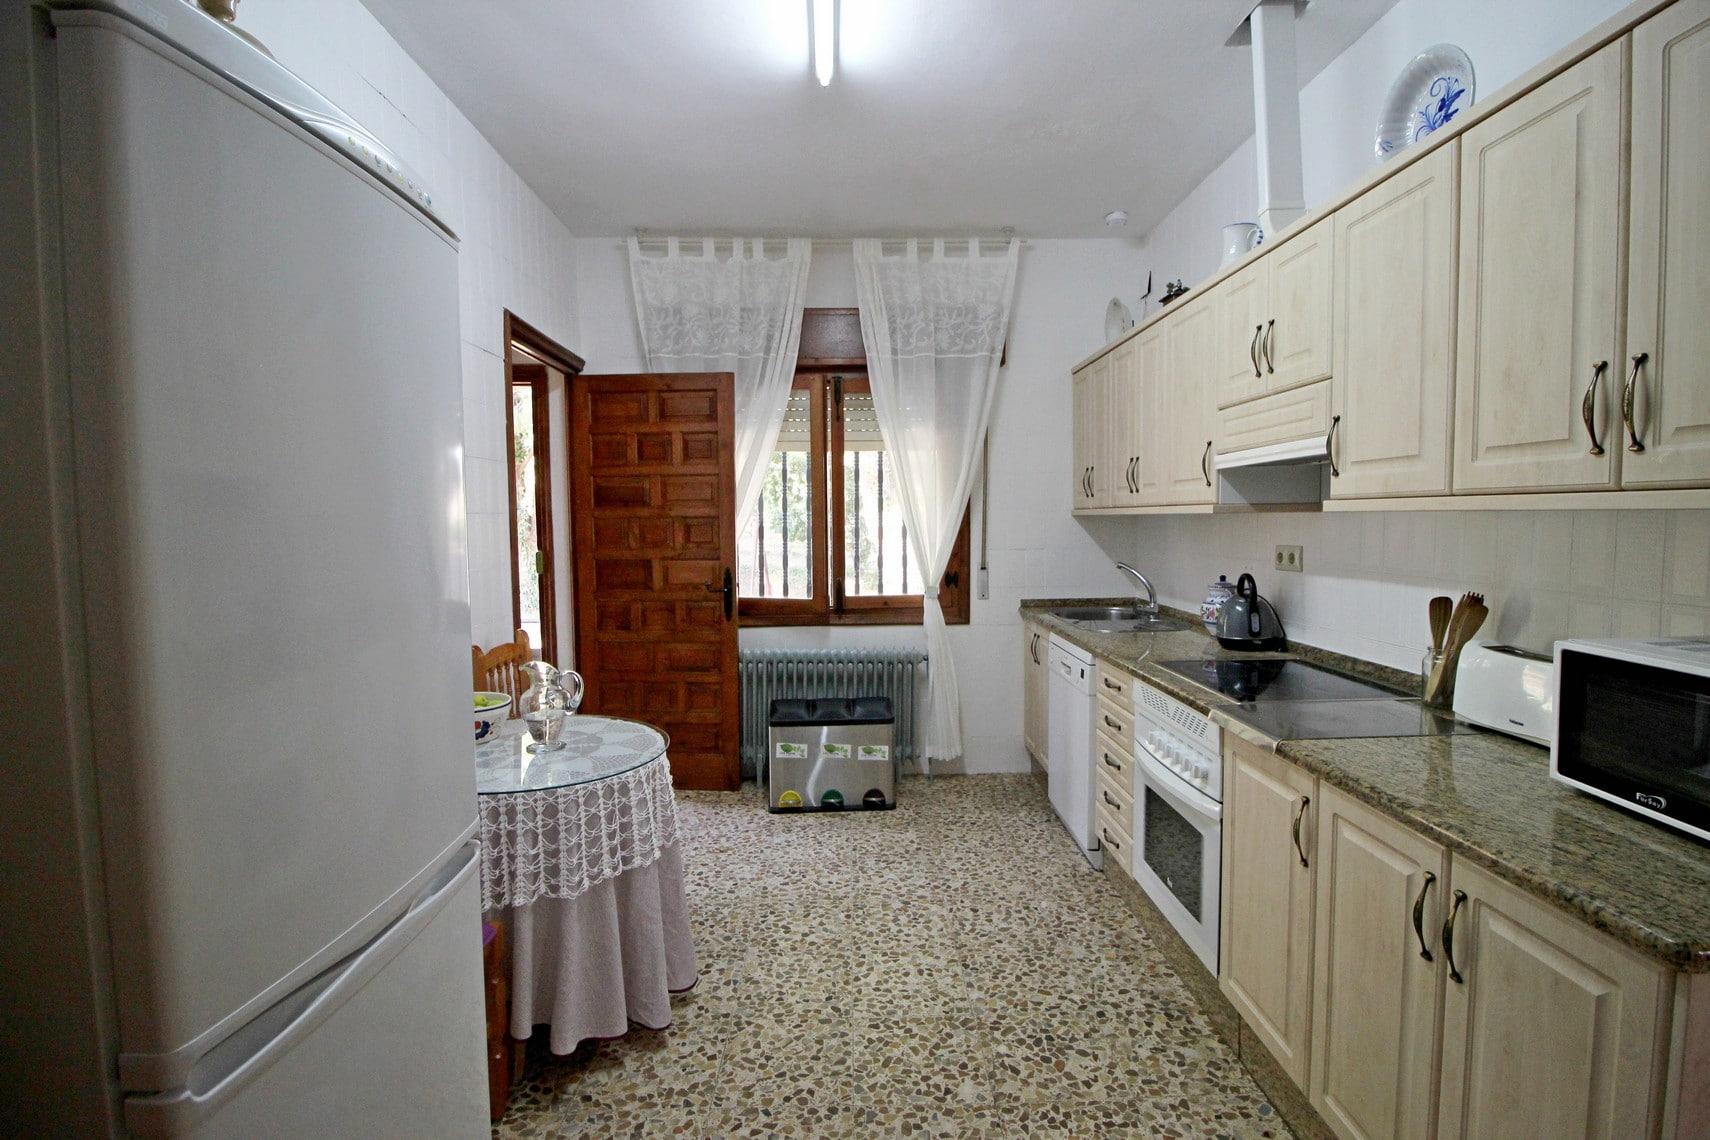 cocina_las_hazas_jarandilla0012